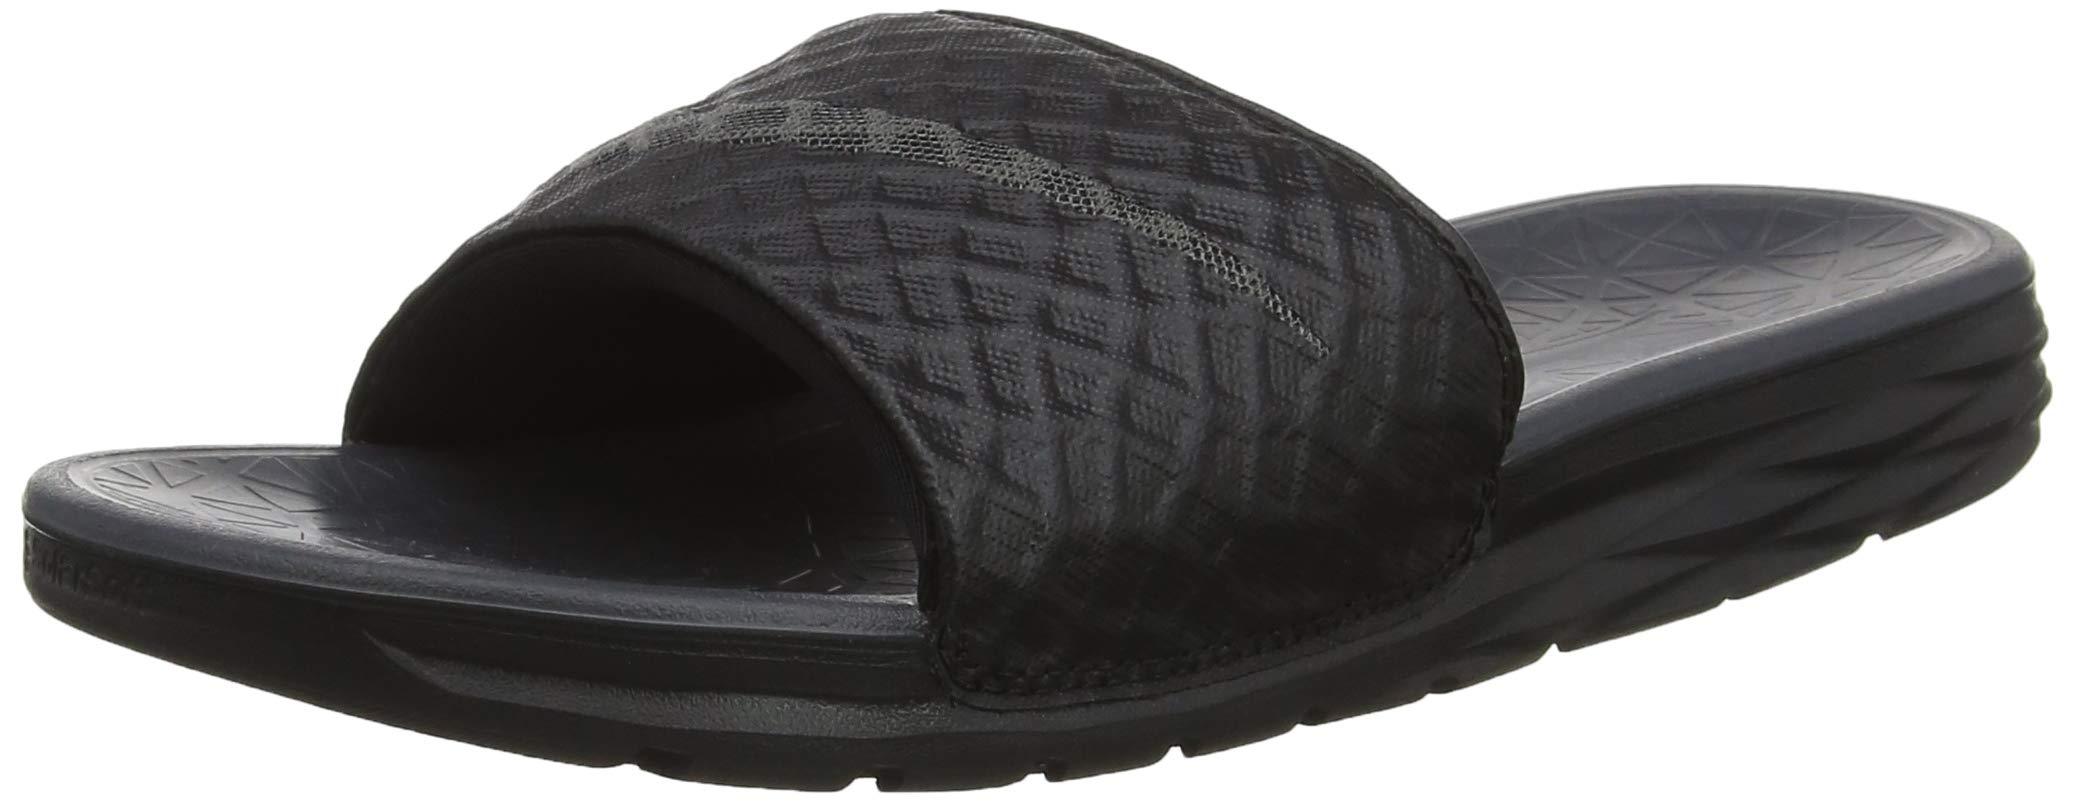 943884df2f7c Galleon - Nike Men s Benassi Solarsoft Slide Athletic Sandal